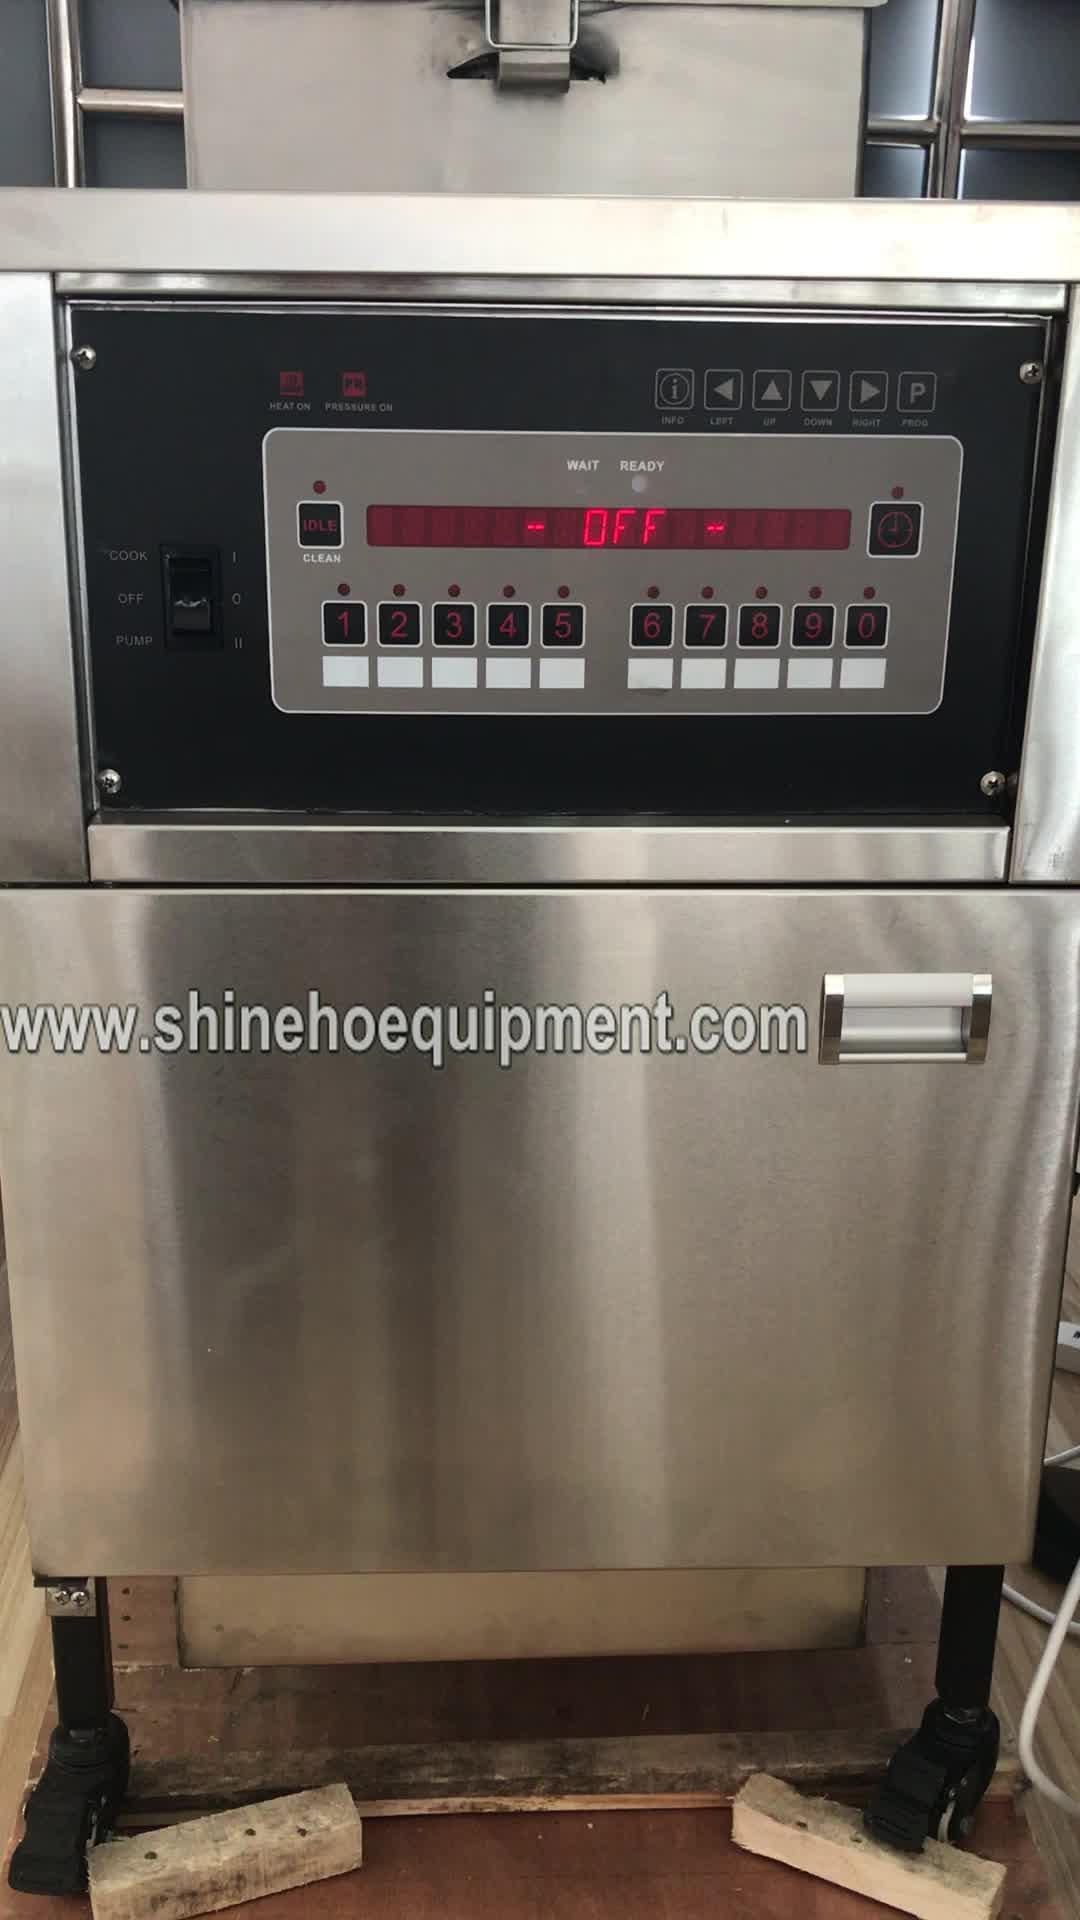 P007 máquina de pollo asado/henny penny freidora a presión/kfc máquina de freír pollo